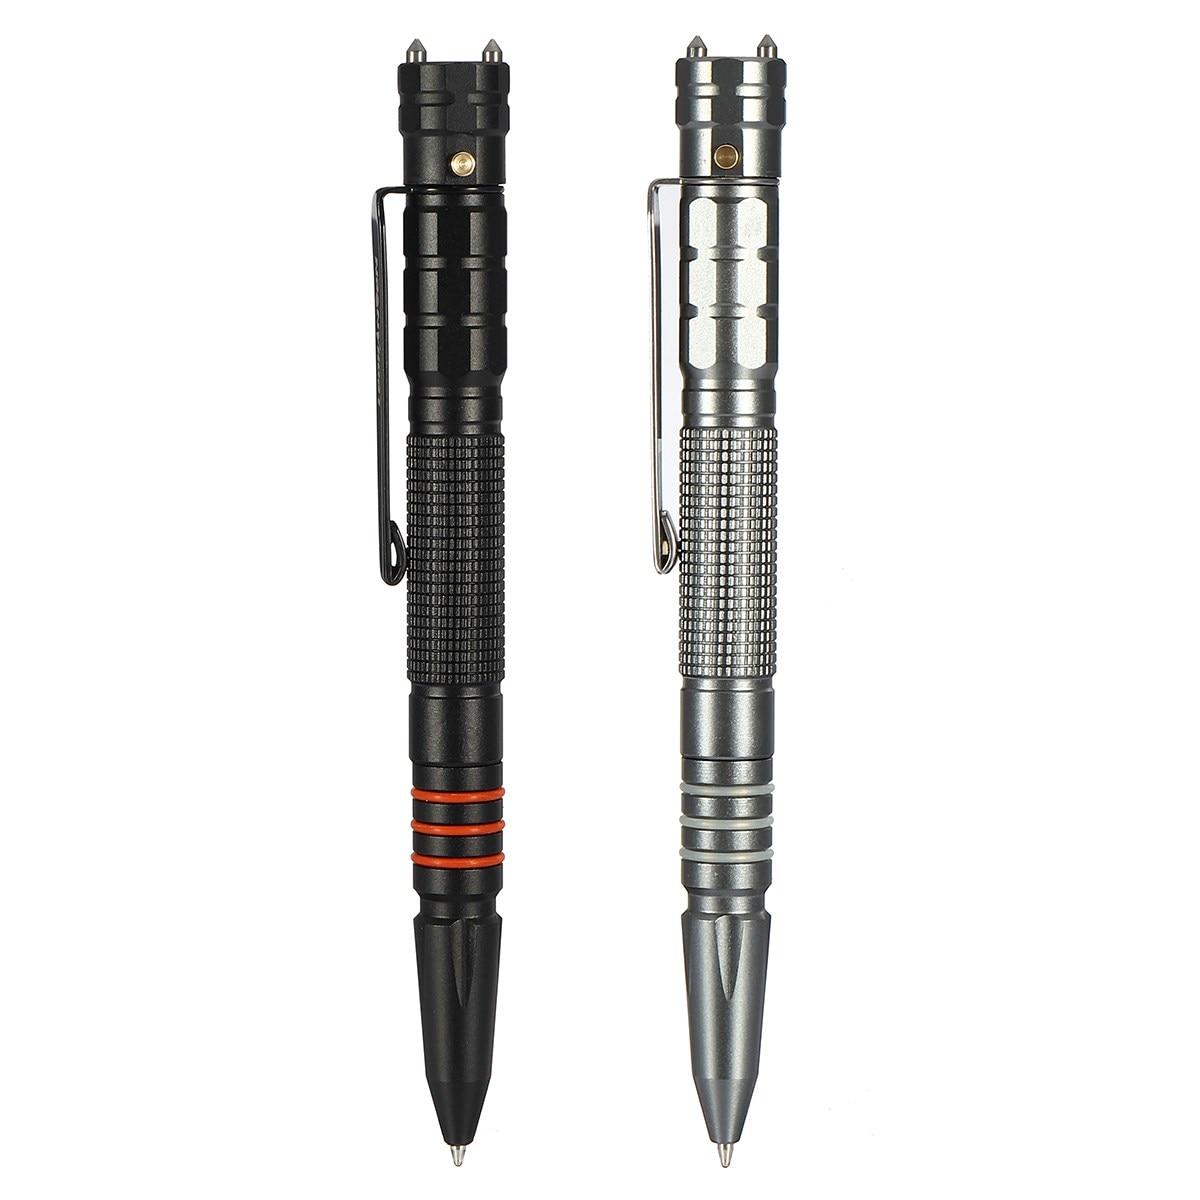 Новый многофункциональный Вольфрам Сталь Тактические Pen Tool с светодиодный фонарик факел лампы самозащиты безопасности